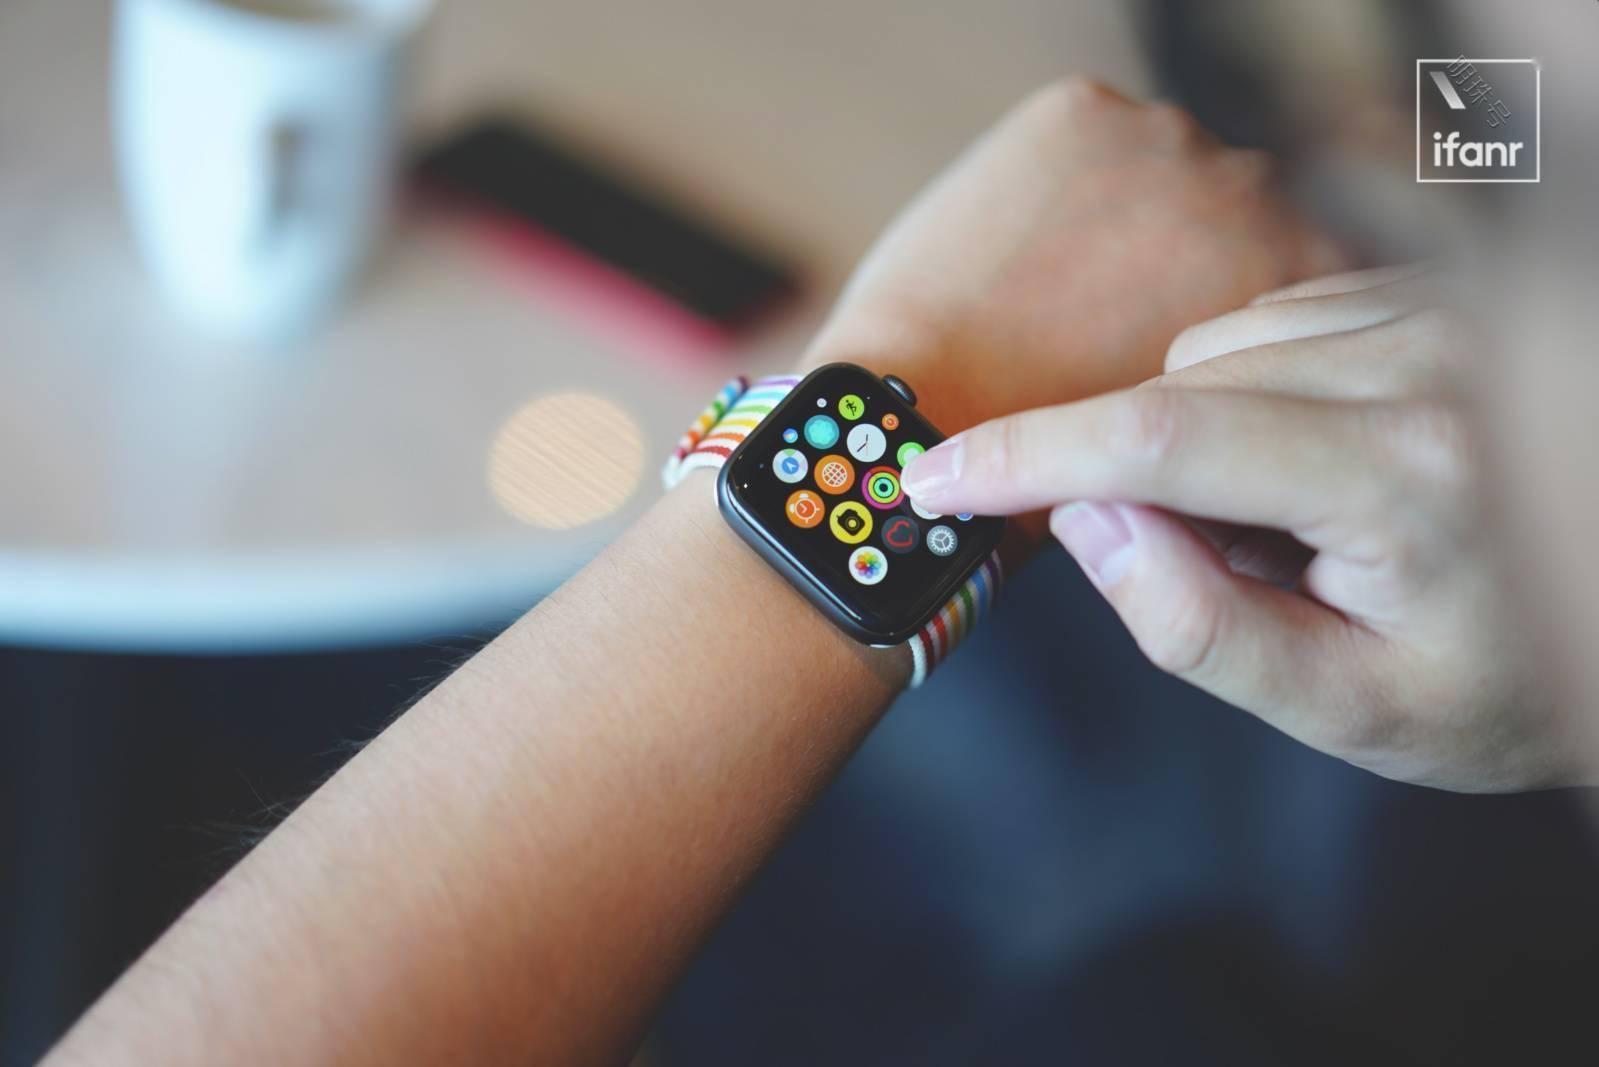 屏幕边框更窄、性能更强applewatch7大变样?